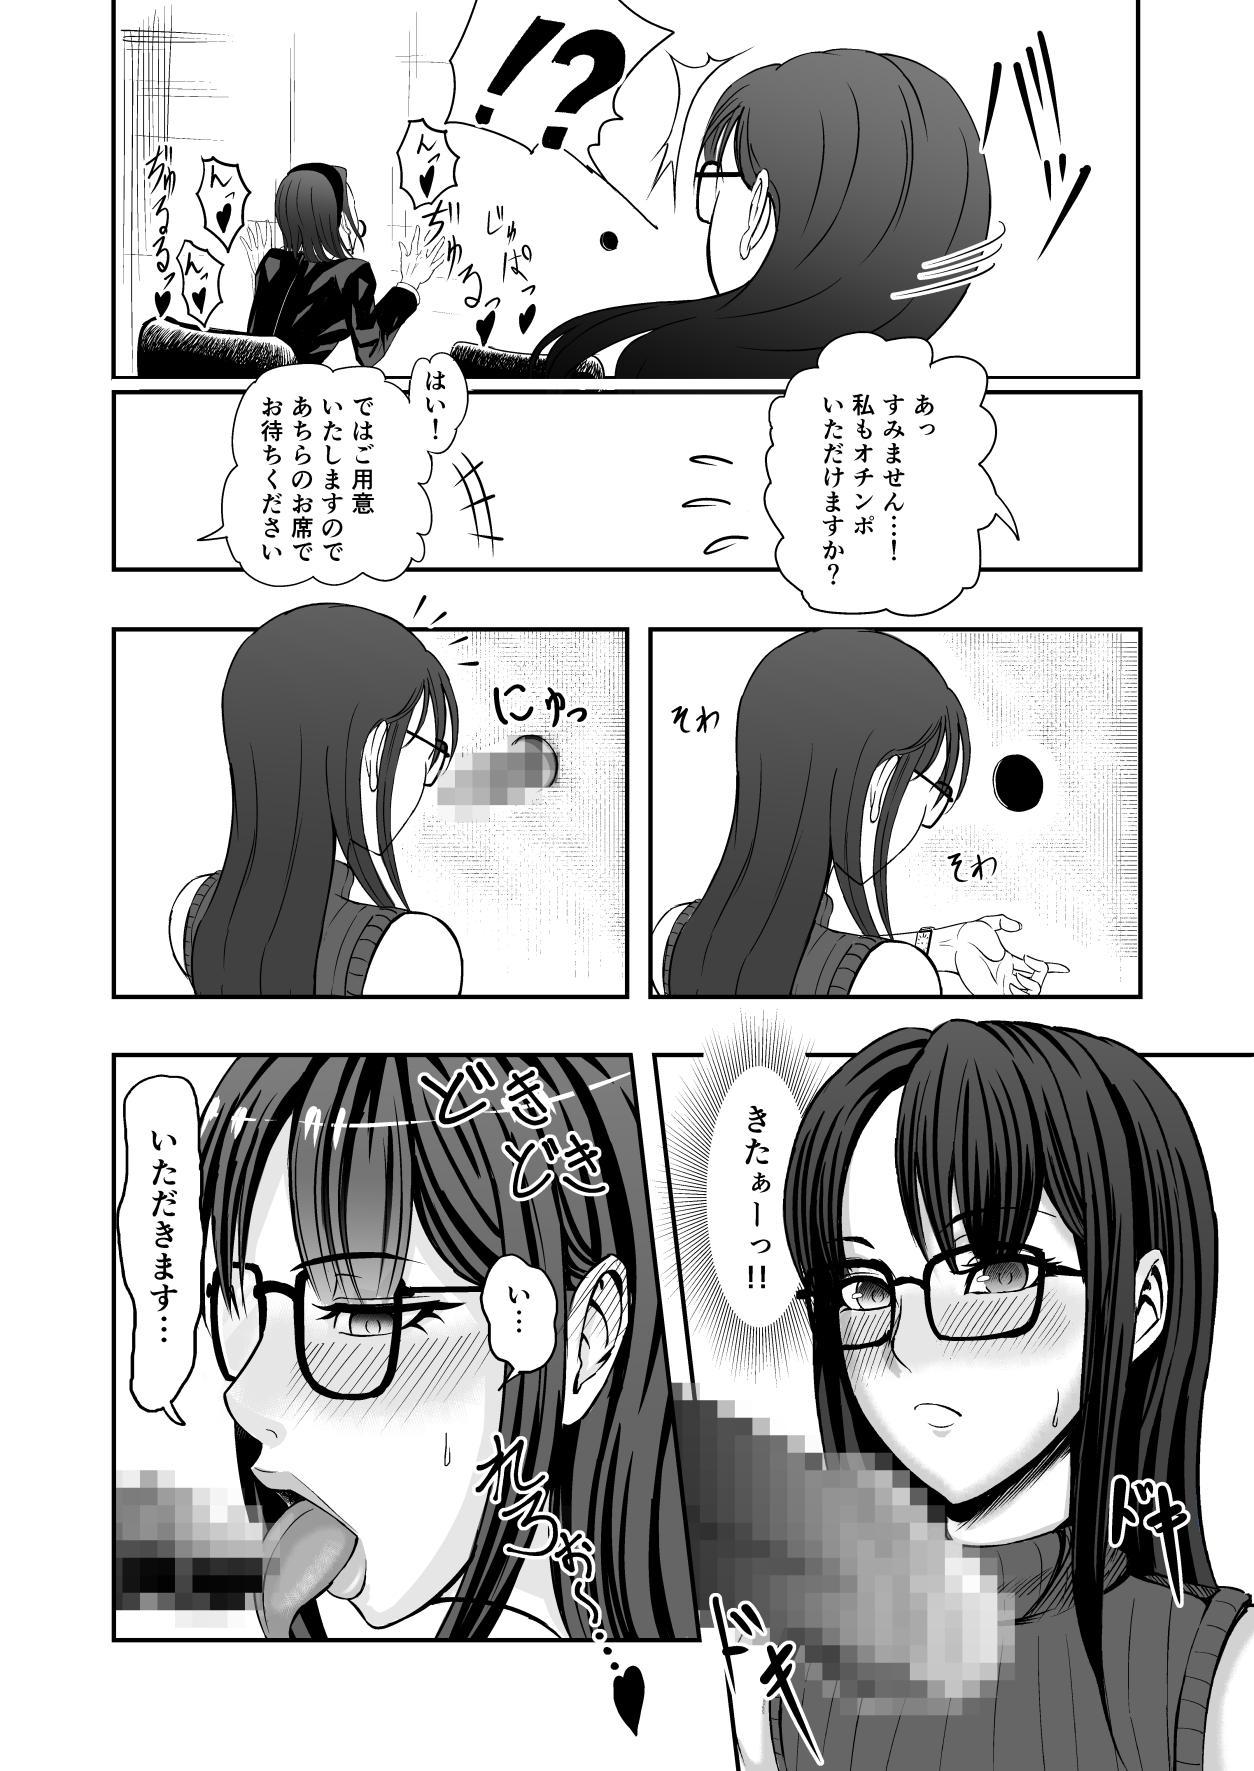 Machi Chuu ni Ochinpo no Aru Fuukei 2